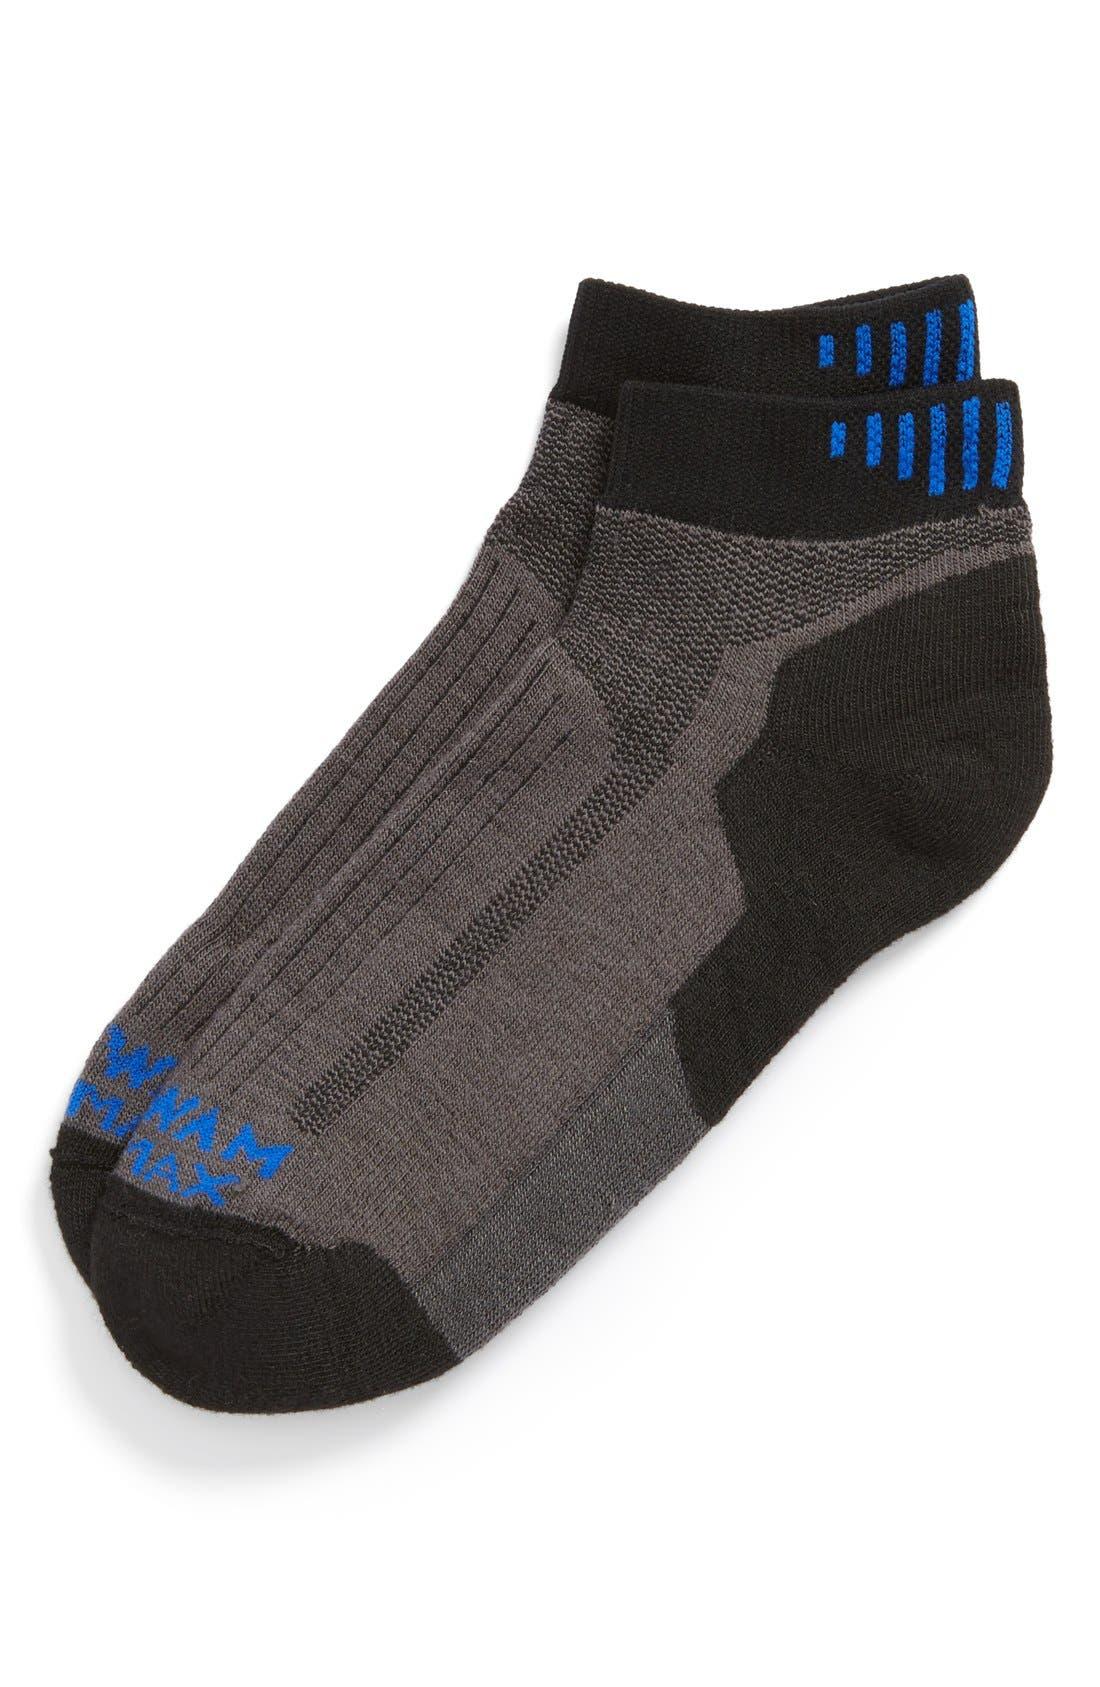 Alternate Image 1 Selected - Wigwam 'Merino Ridge Runner Pro' Crew Socks (Men)